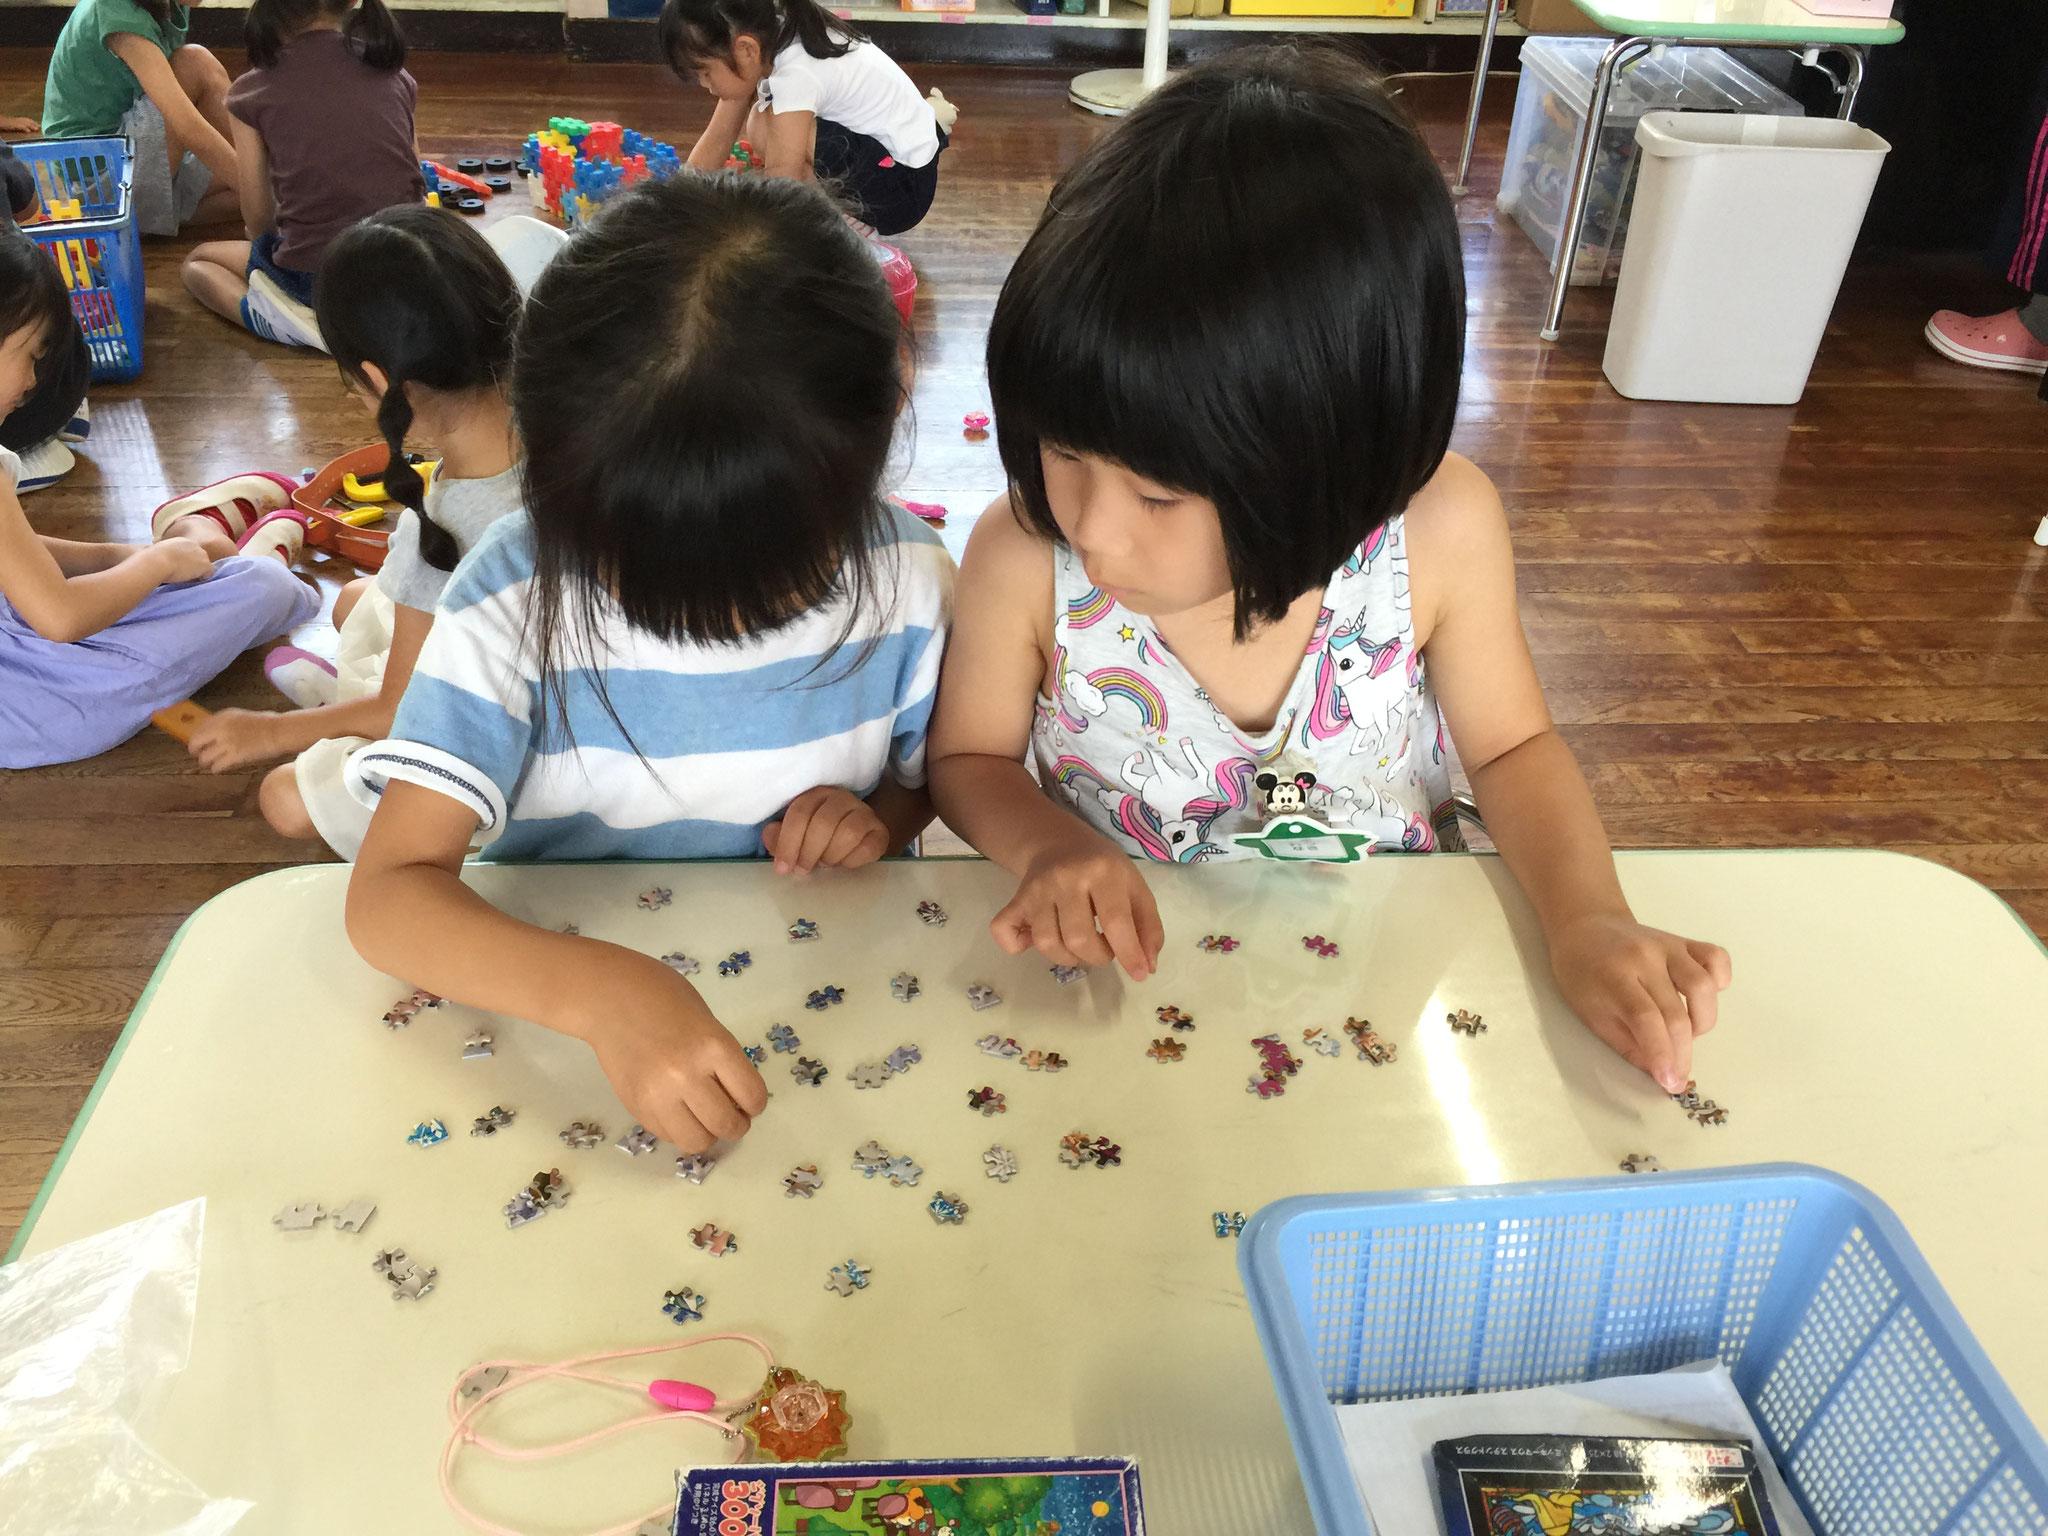 年長さんが遊ぶジグソーパズルは小さいです。